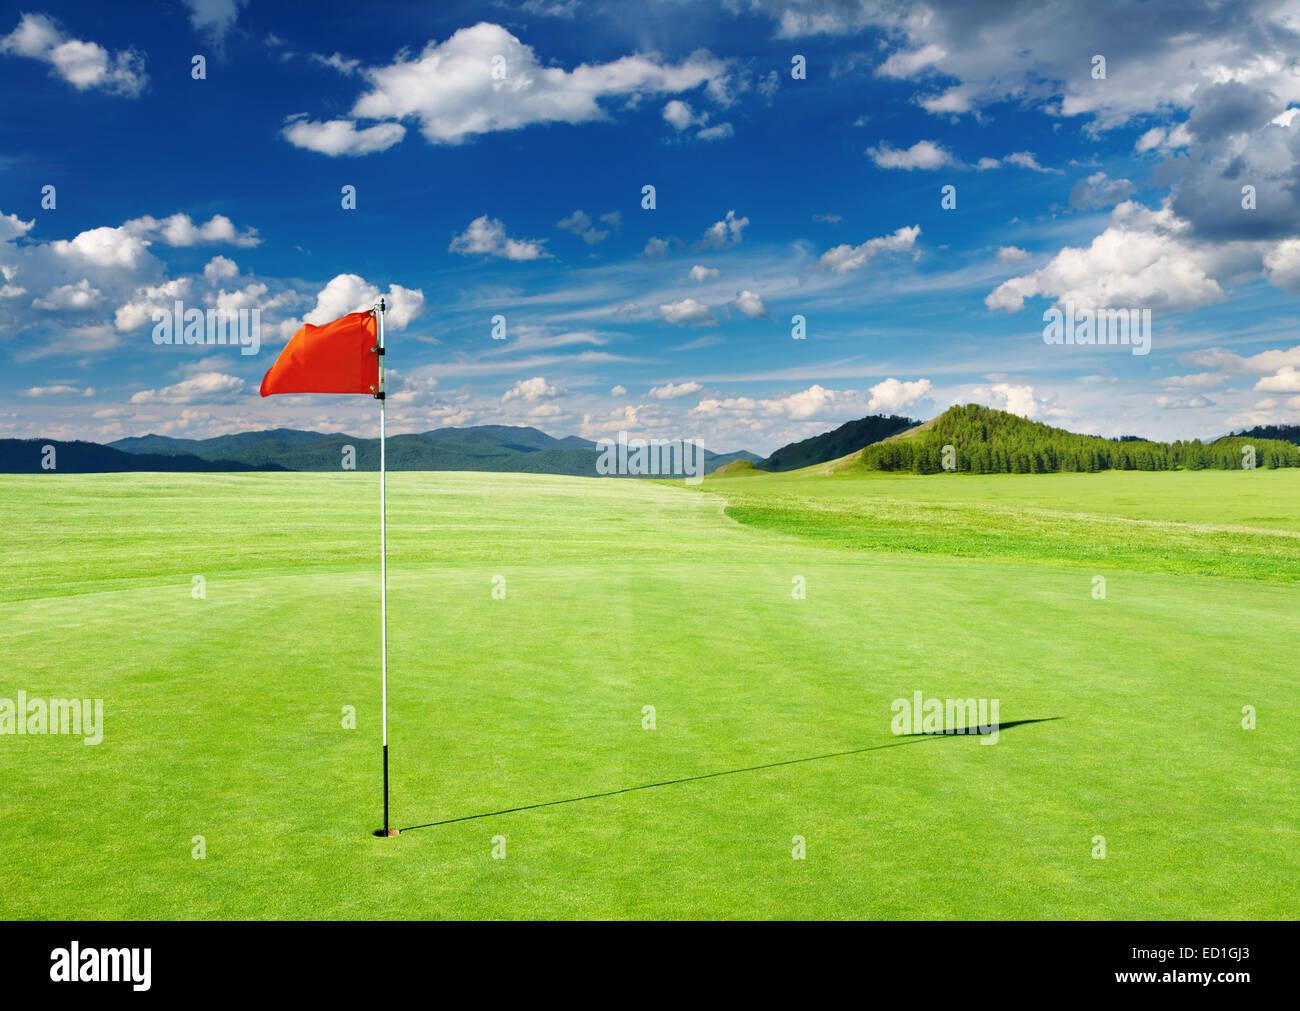 Campo de Golf con bandera roja en el orificio Imagen De Stock